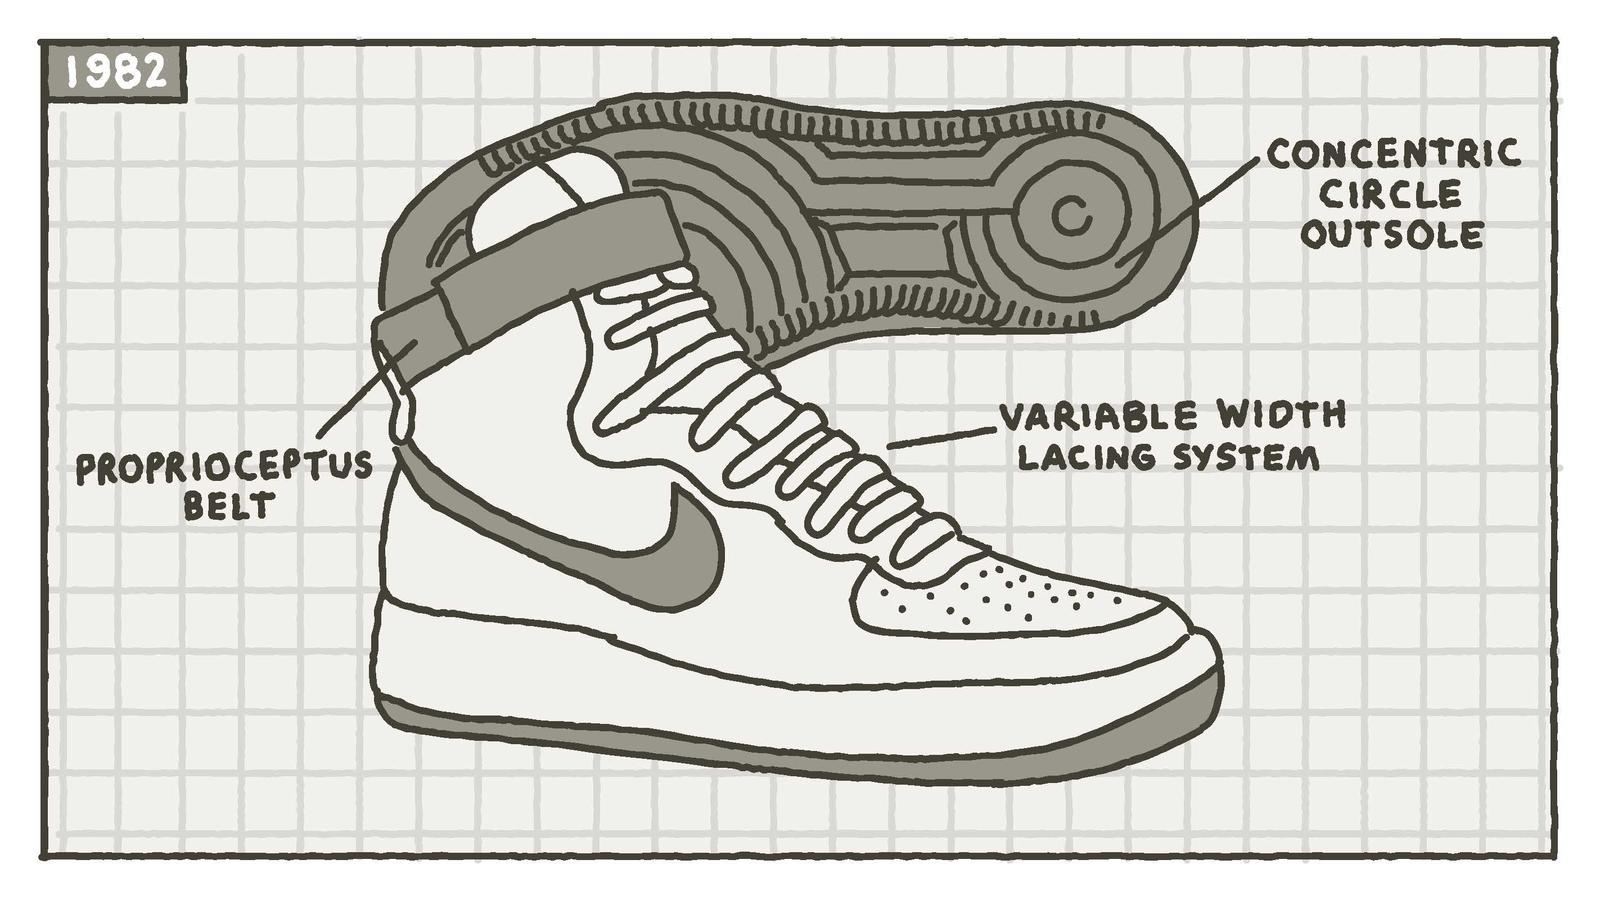 12 illustrazioni raccontano la storia delle Nike Air Force 1